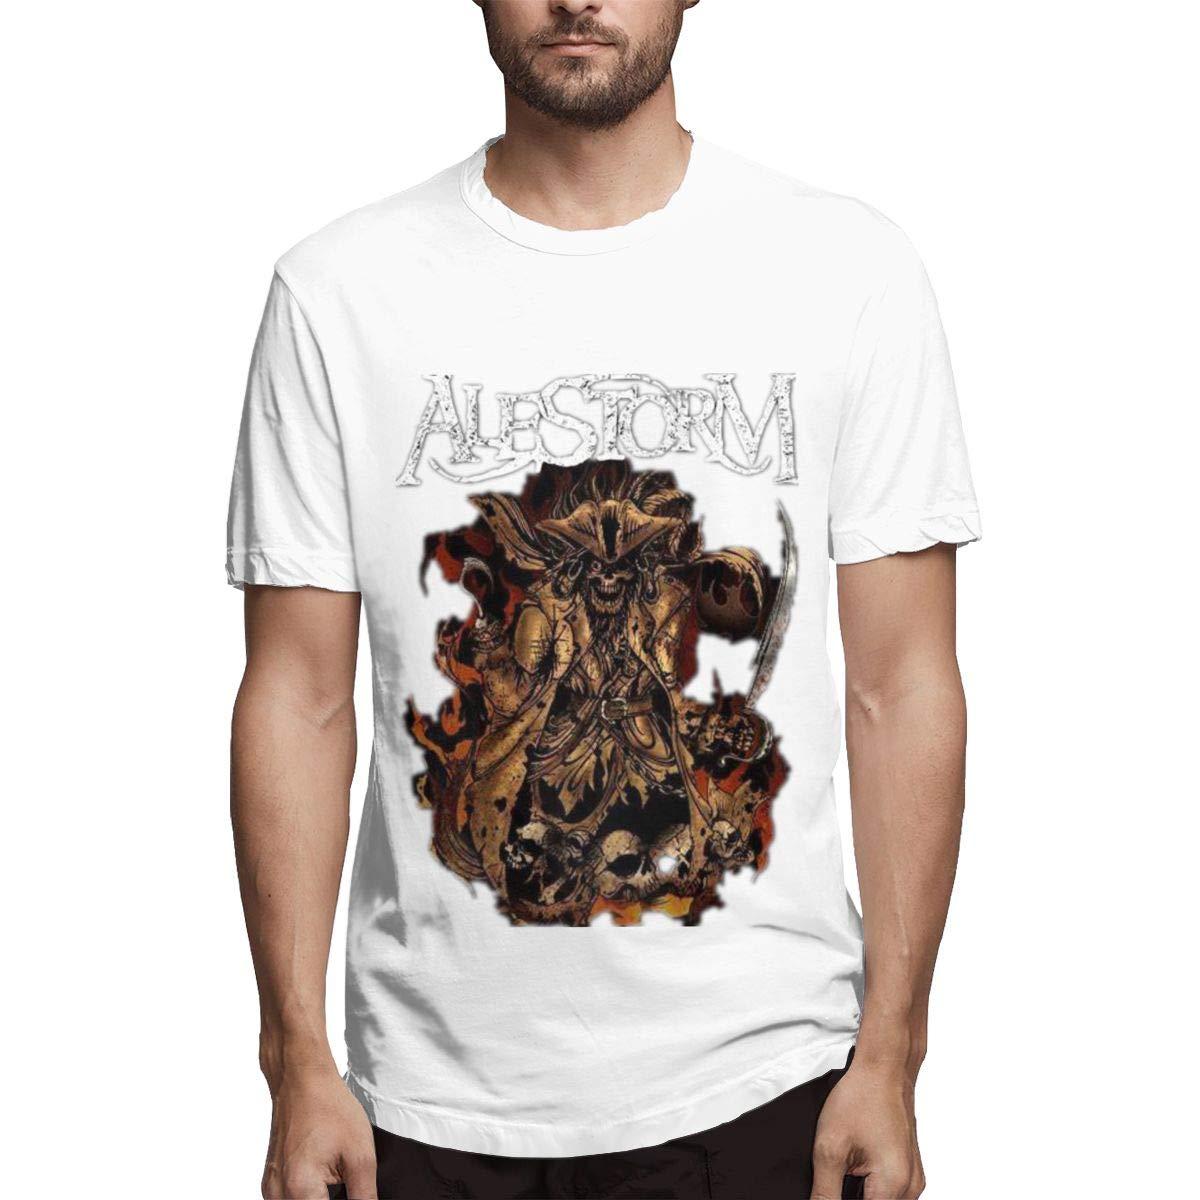 Lihehen S Alestorm Round Neck Ts Shirts